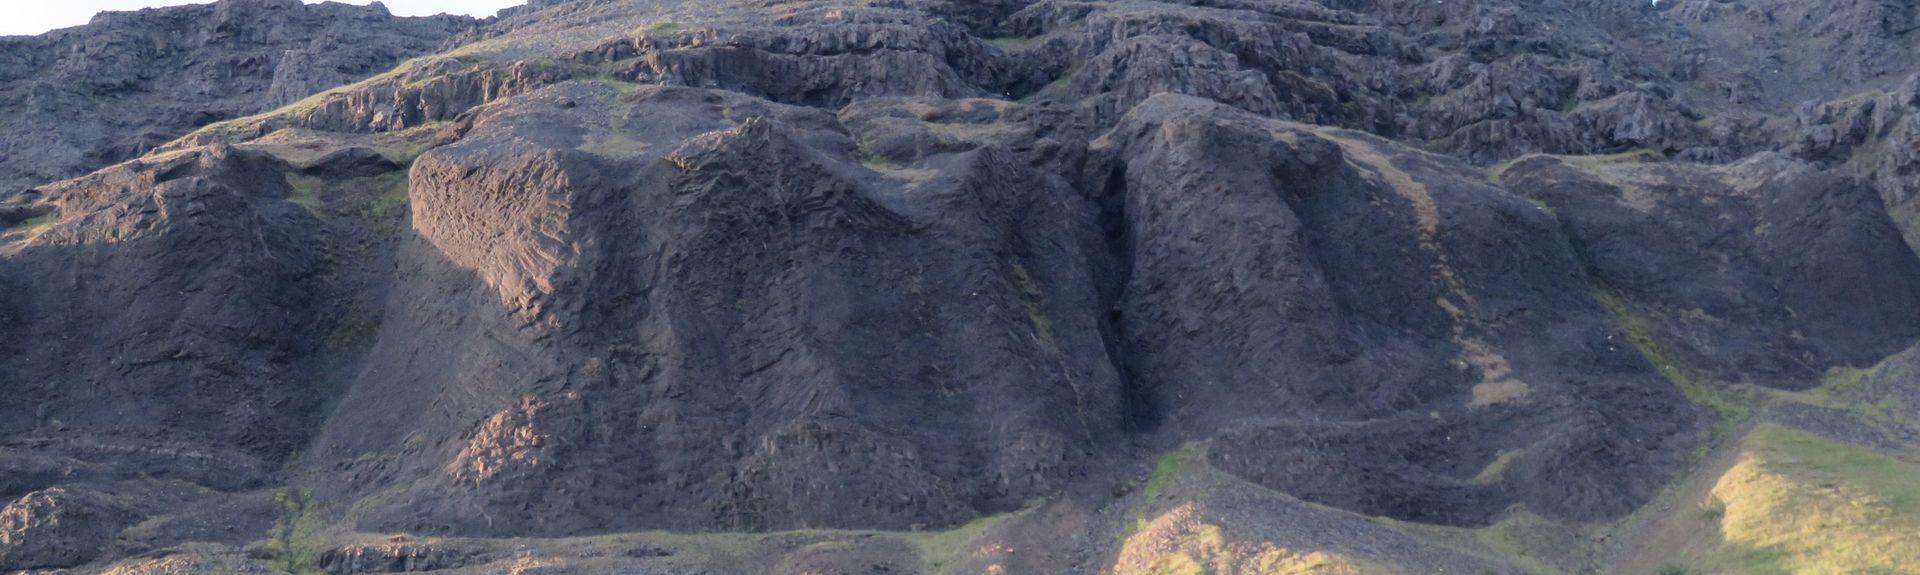 Dive Iceland, Reikiavik, Höfuðborgarsvæðið, Islandia